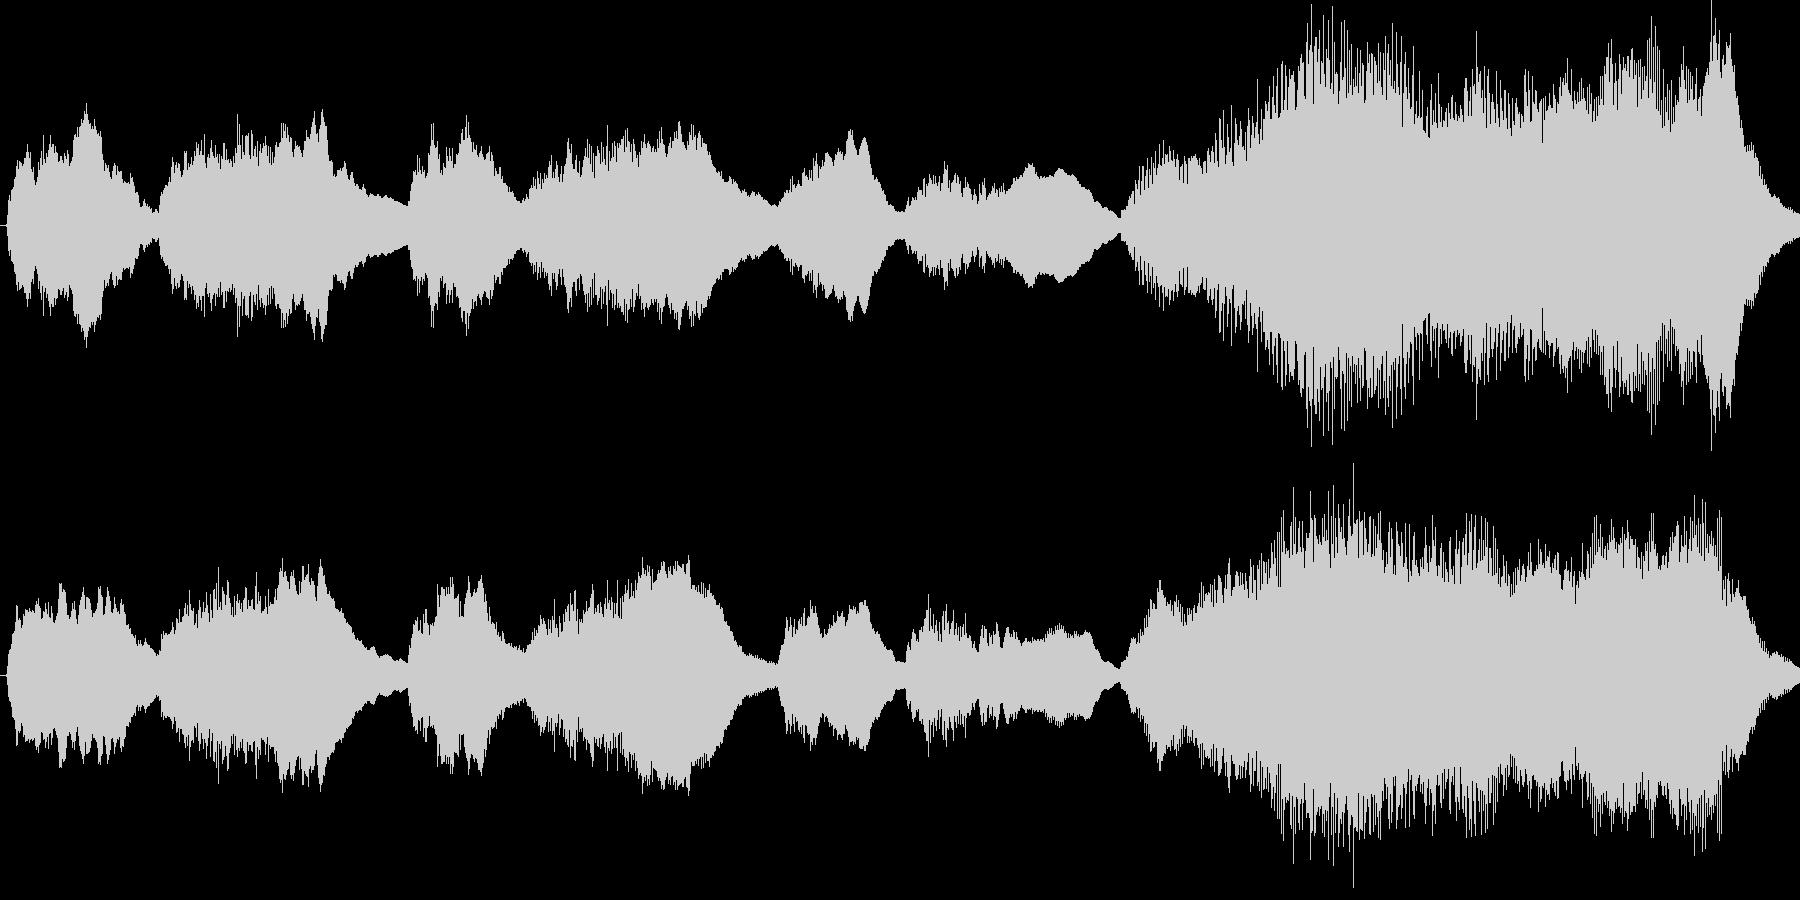 バッハの「トッカータとフーガ」の冒頭部…の未再生の波形